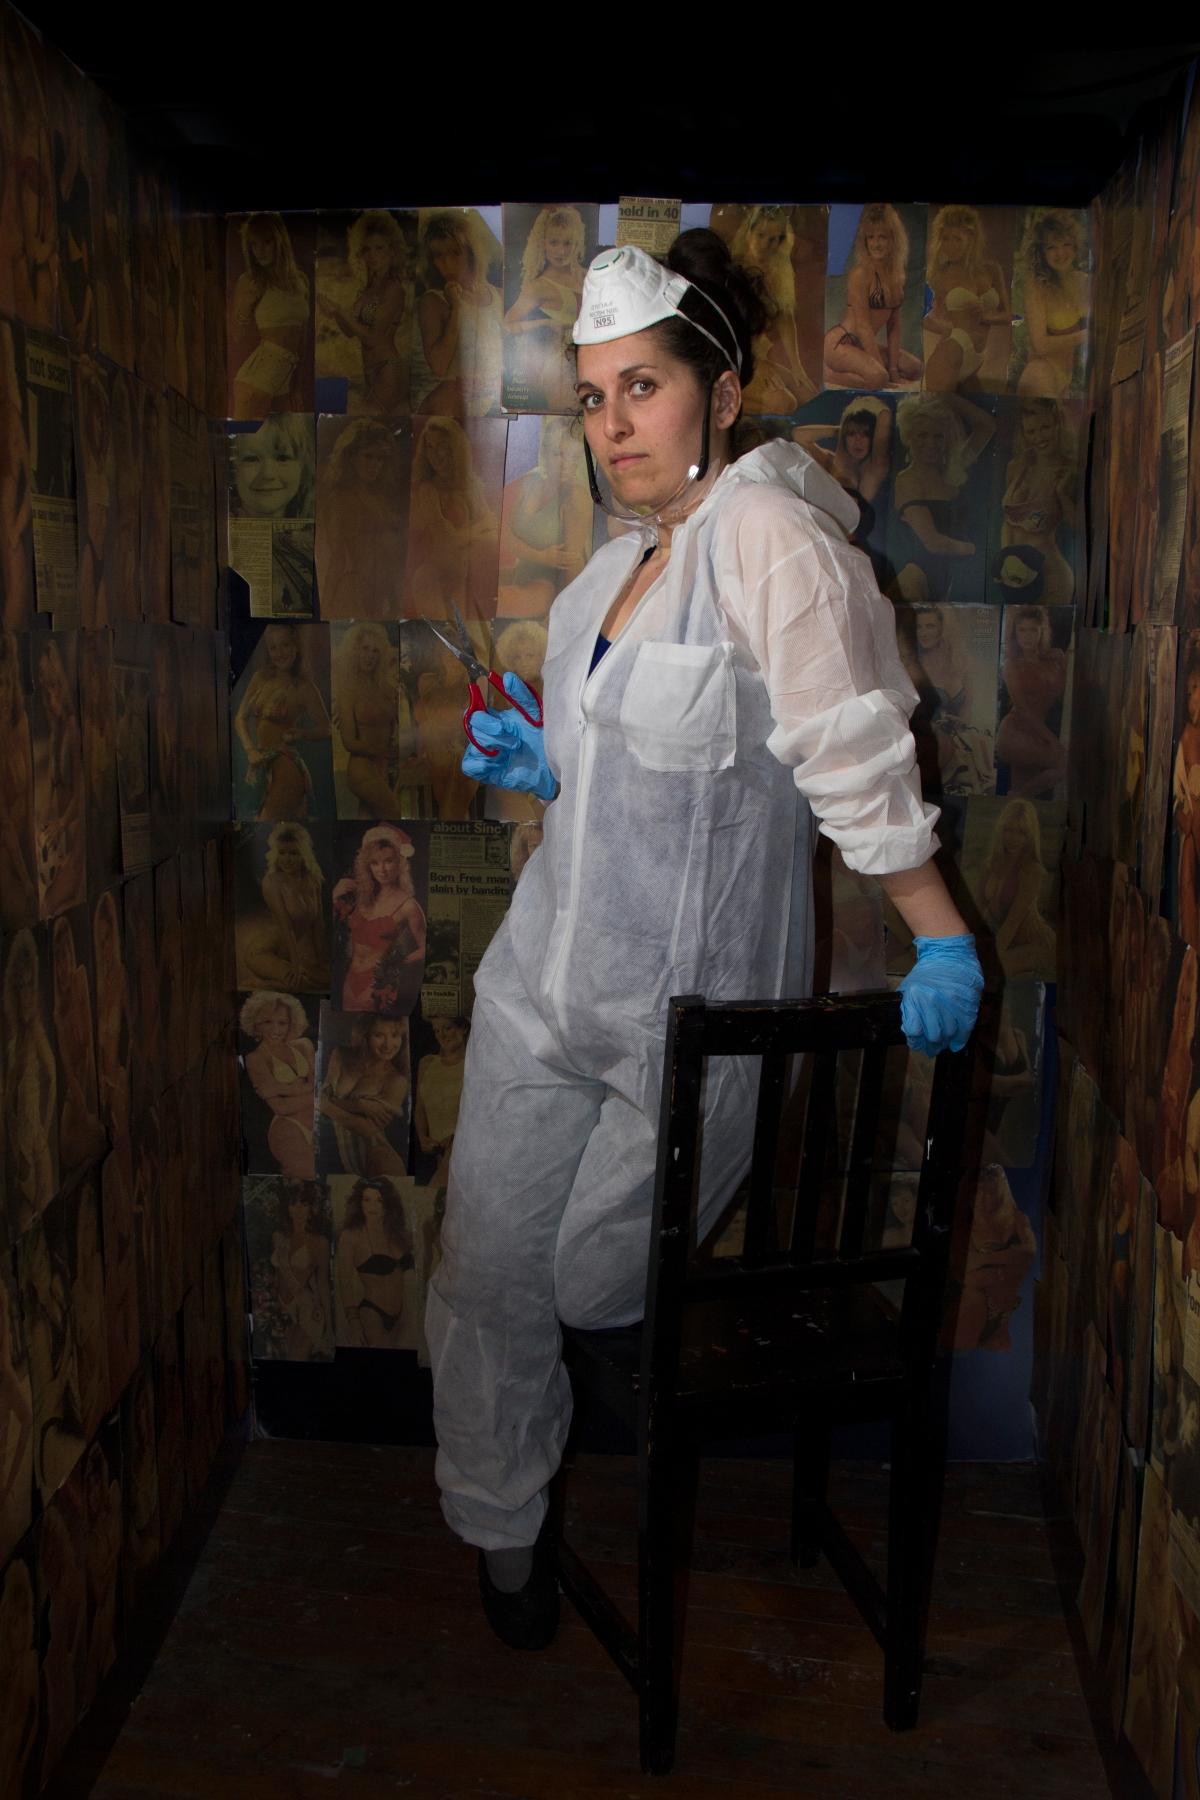 Toronto Fringe: Peeling back the layers in the funny, frank, insightful feminist excavation OperationSUNshine